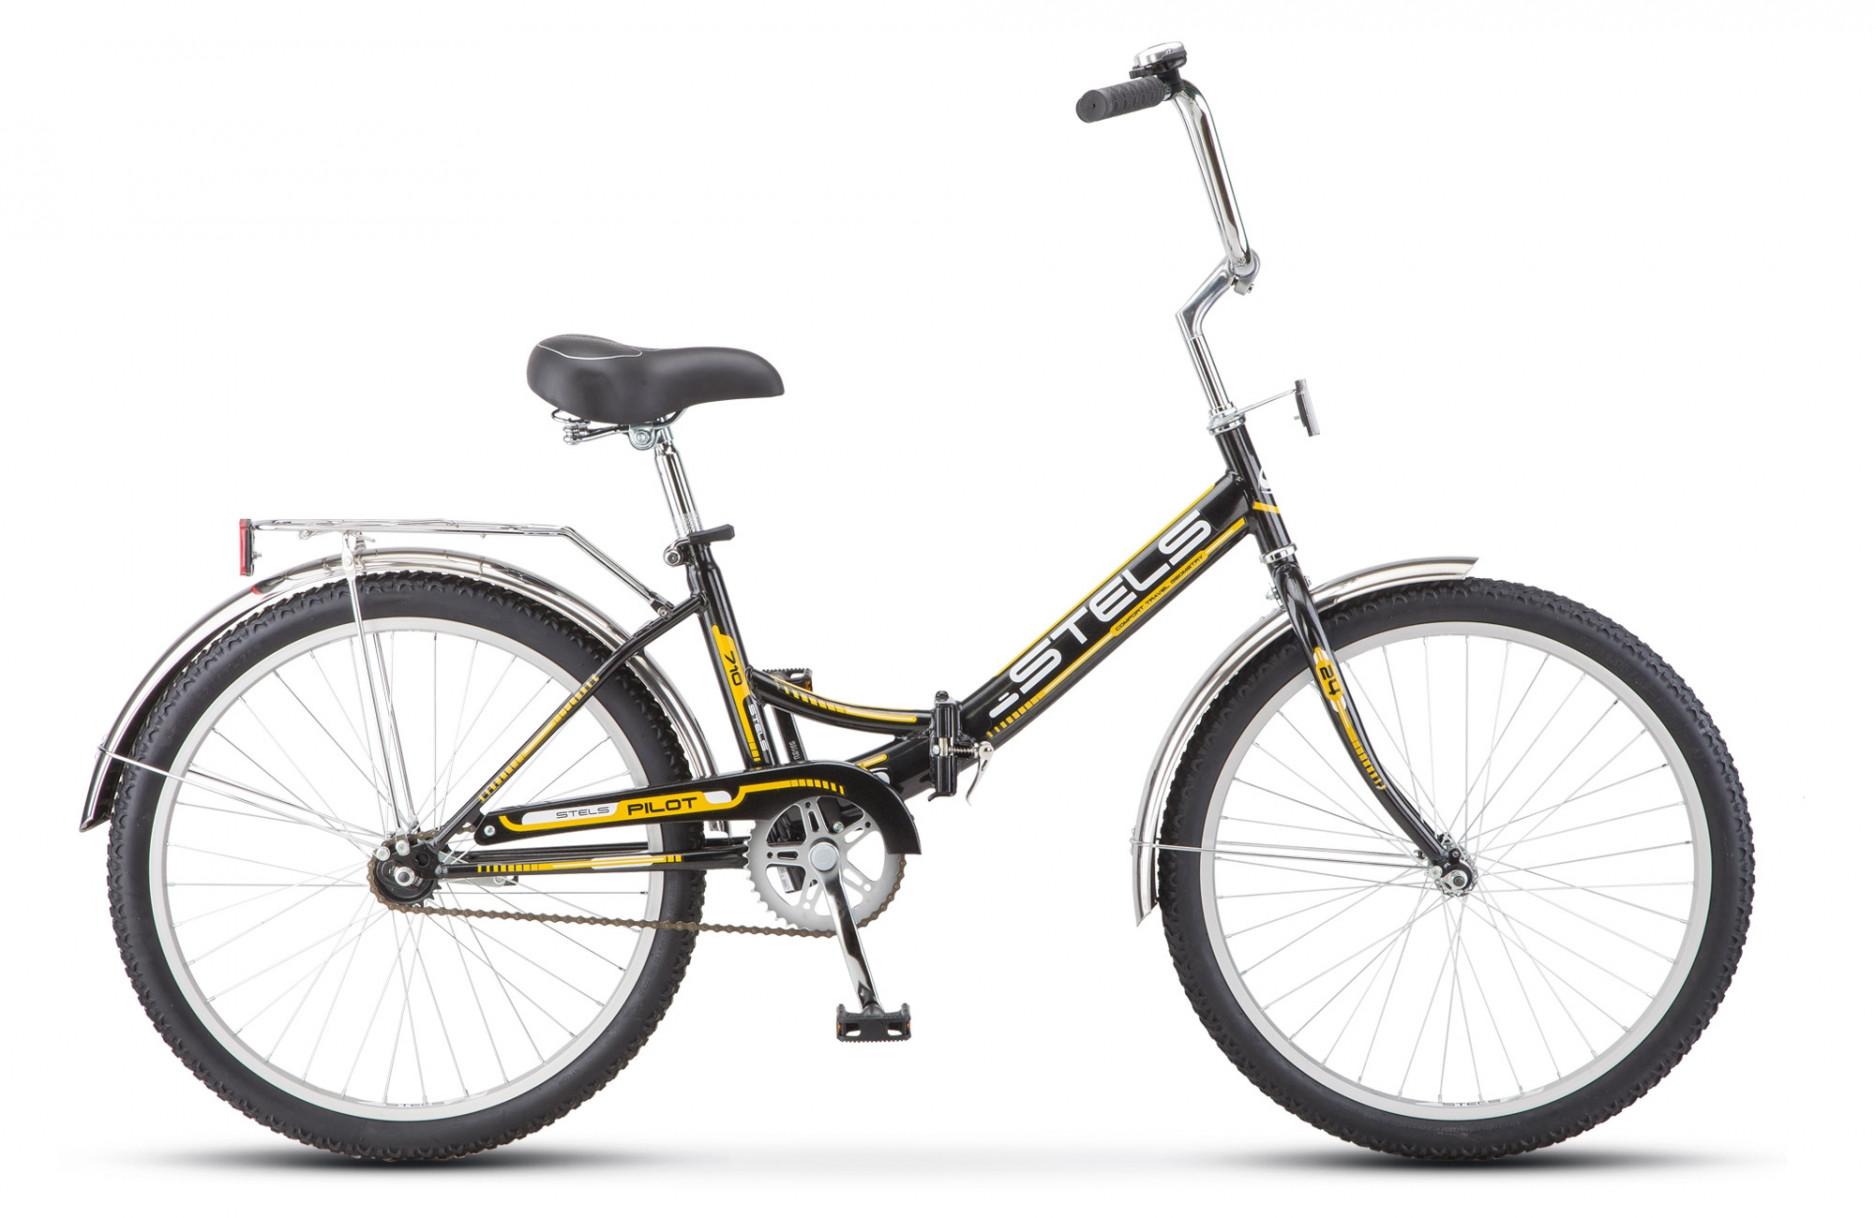 Складной велосипед Stels Pilot-710 2018 Z010 черный/желтый